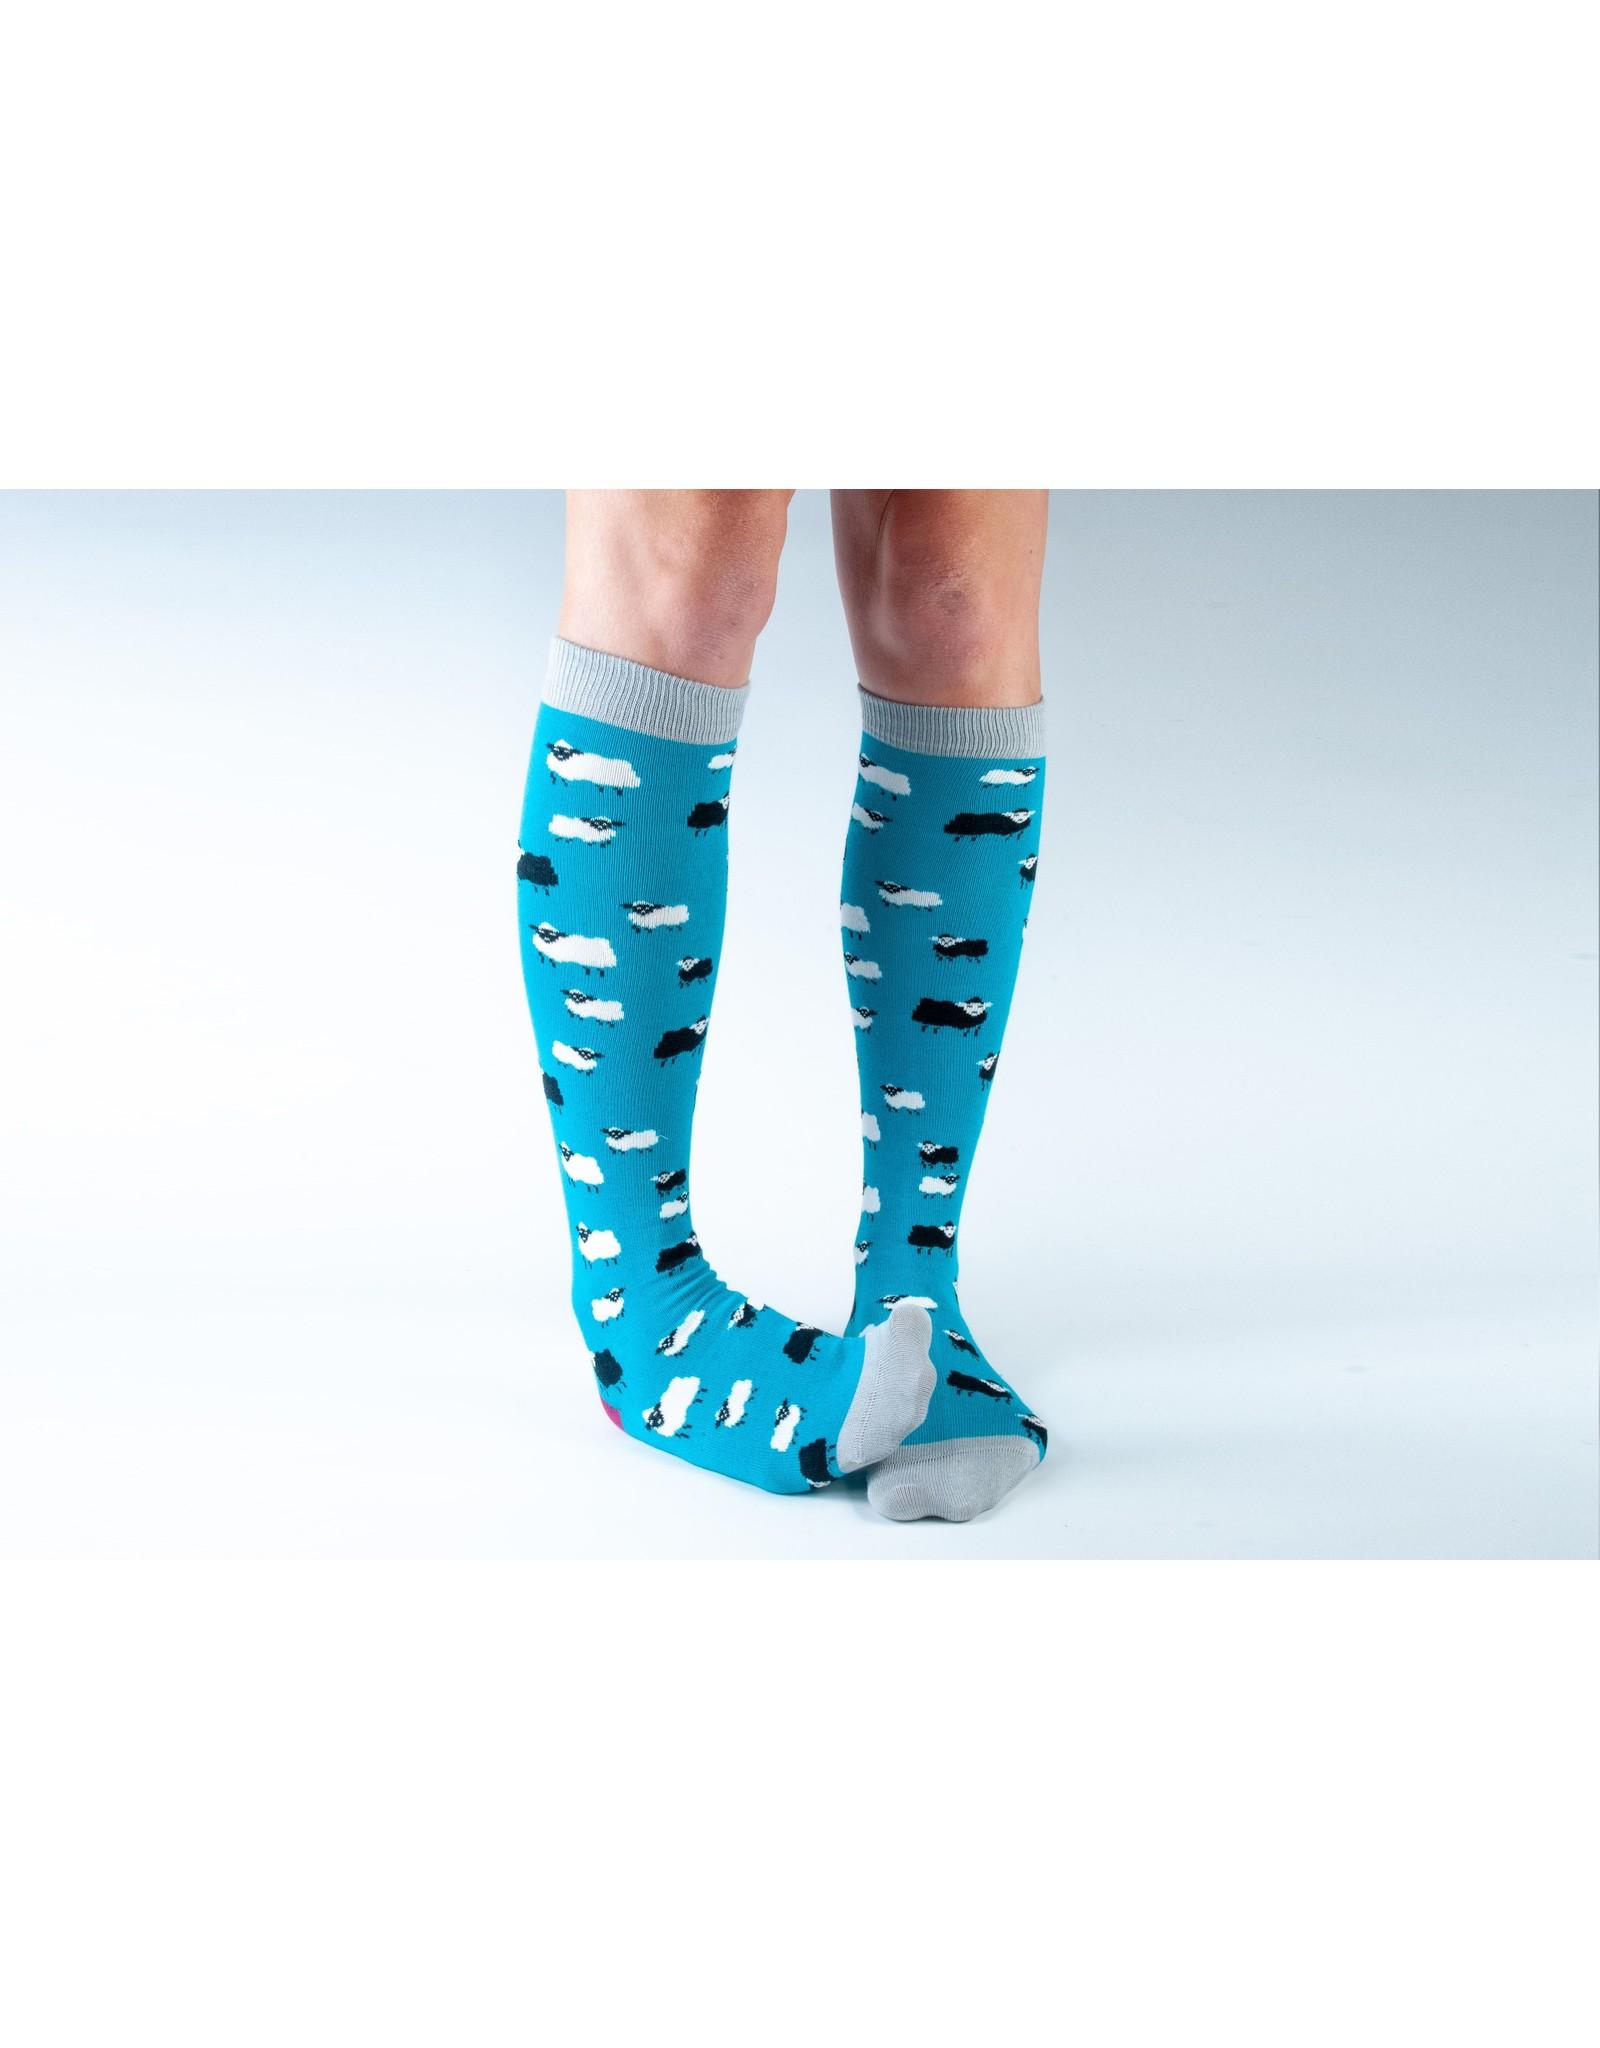 Doris & Dude Knee socks - Sheep (36-40)